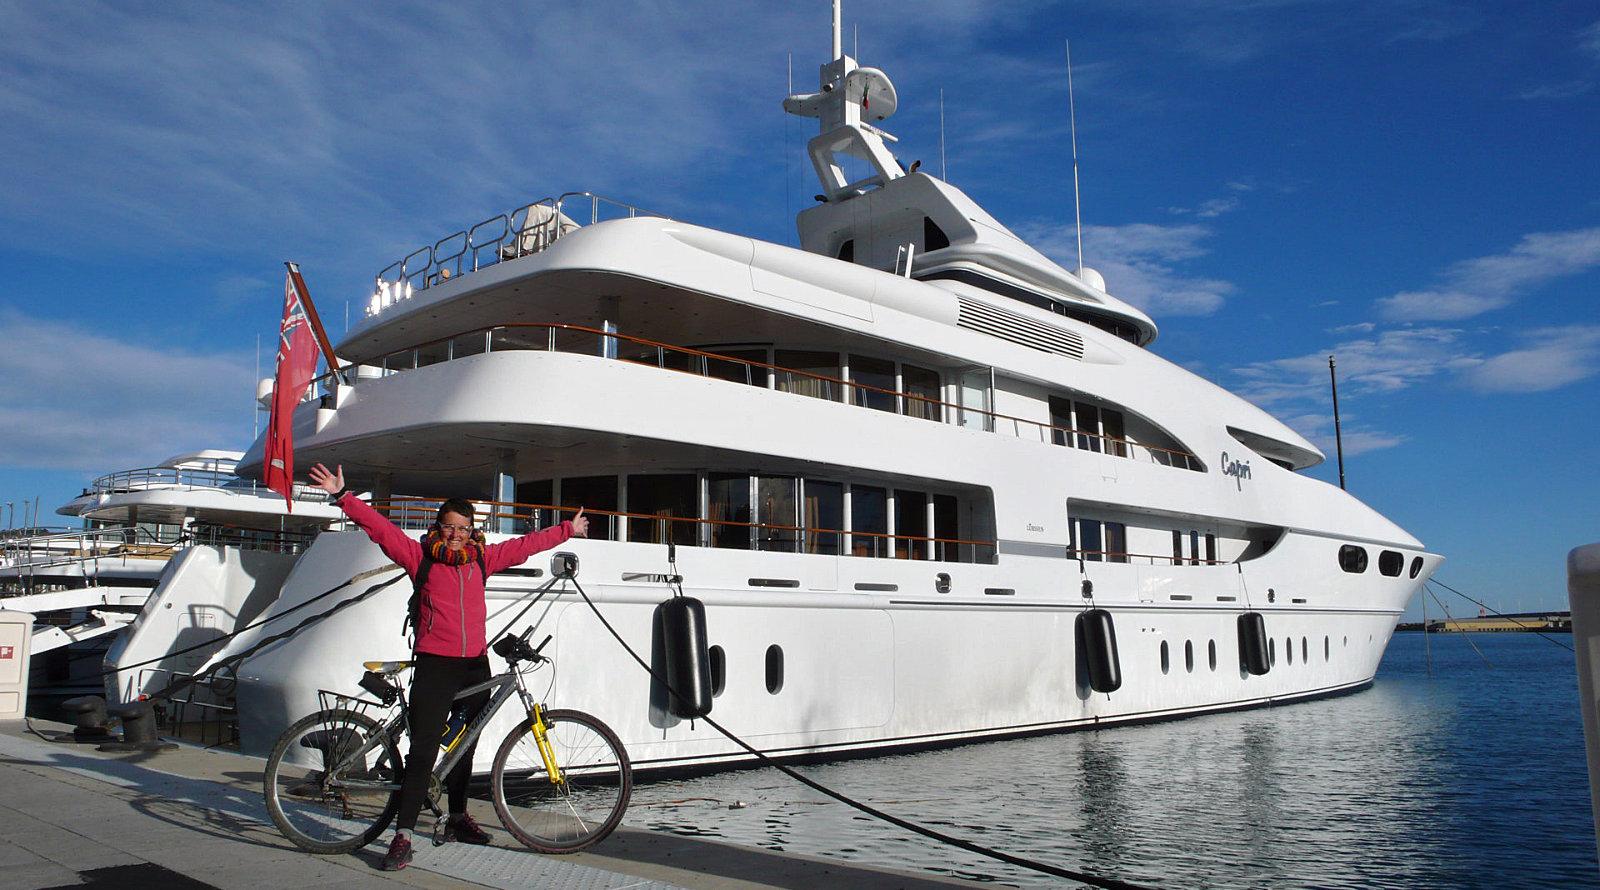 Amelia davanti ad uno yacht ad Imperia